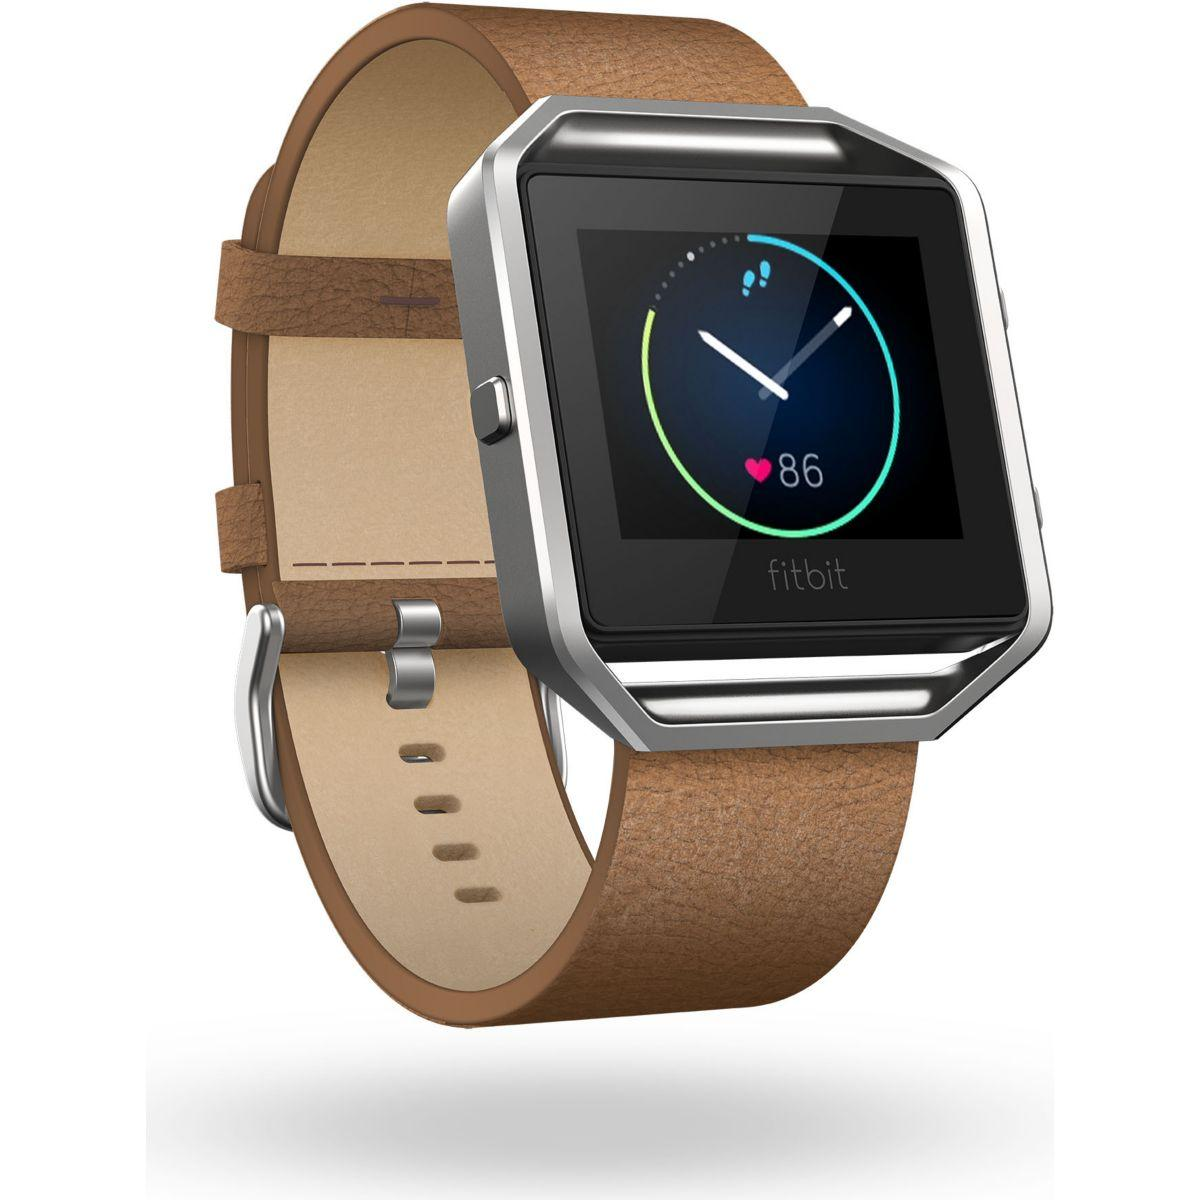 Accessoire fitbit bracelet cuir blaze camel l - 20% de remise immédiate avec le code : cool20 (photo)